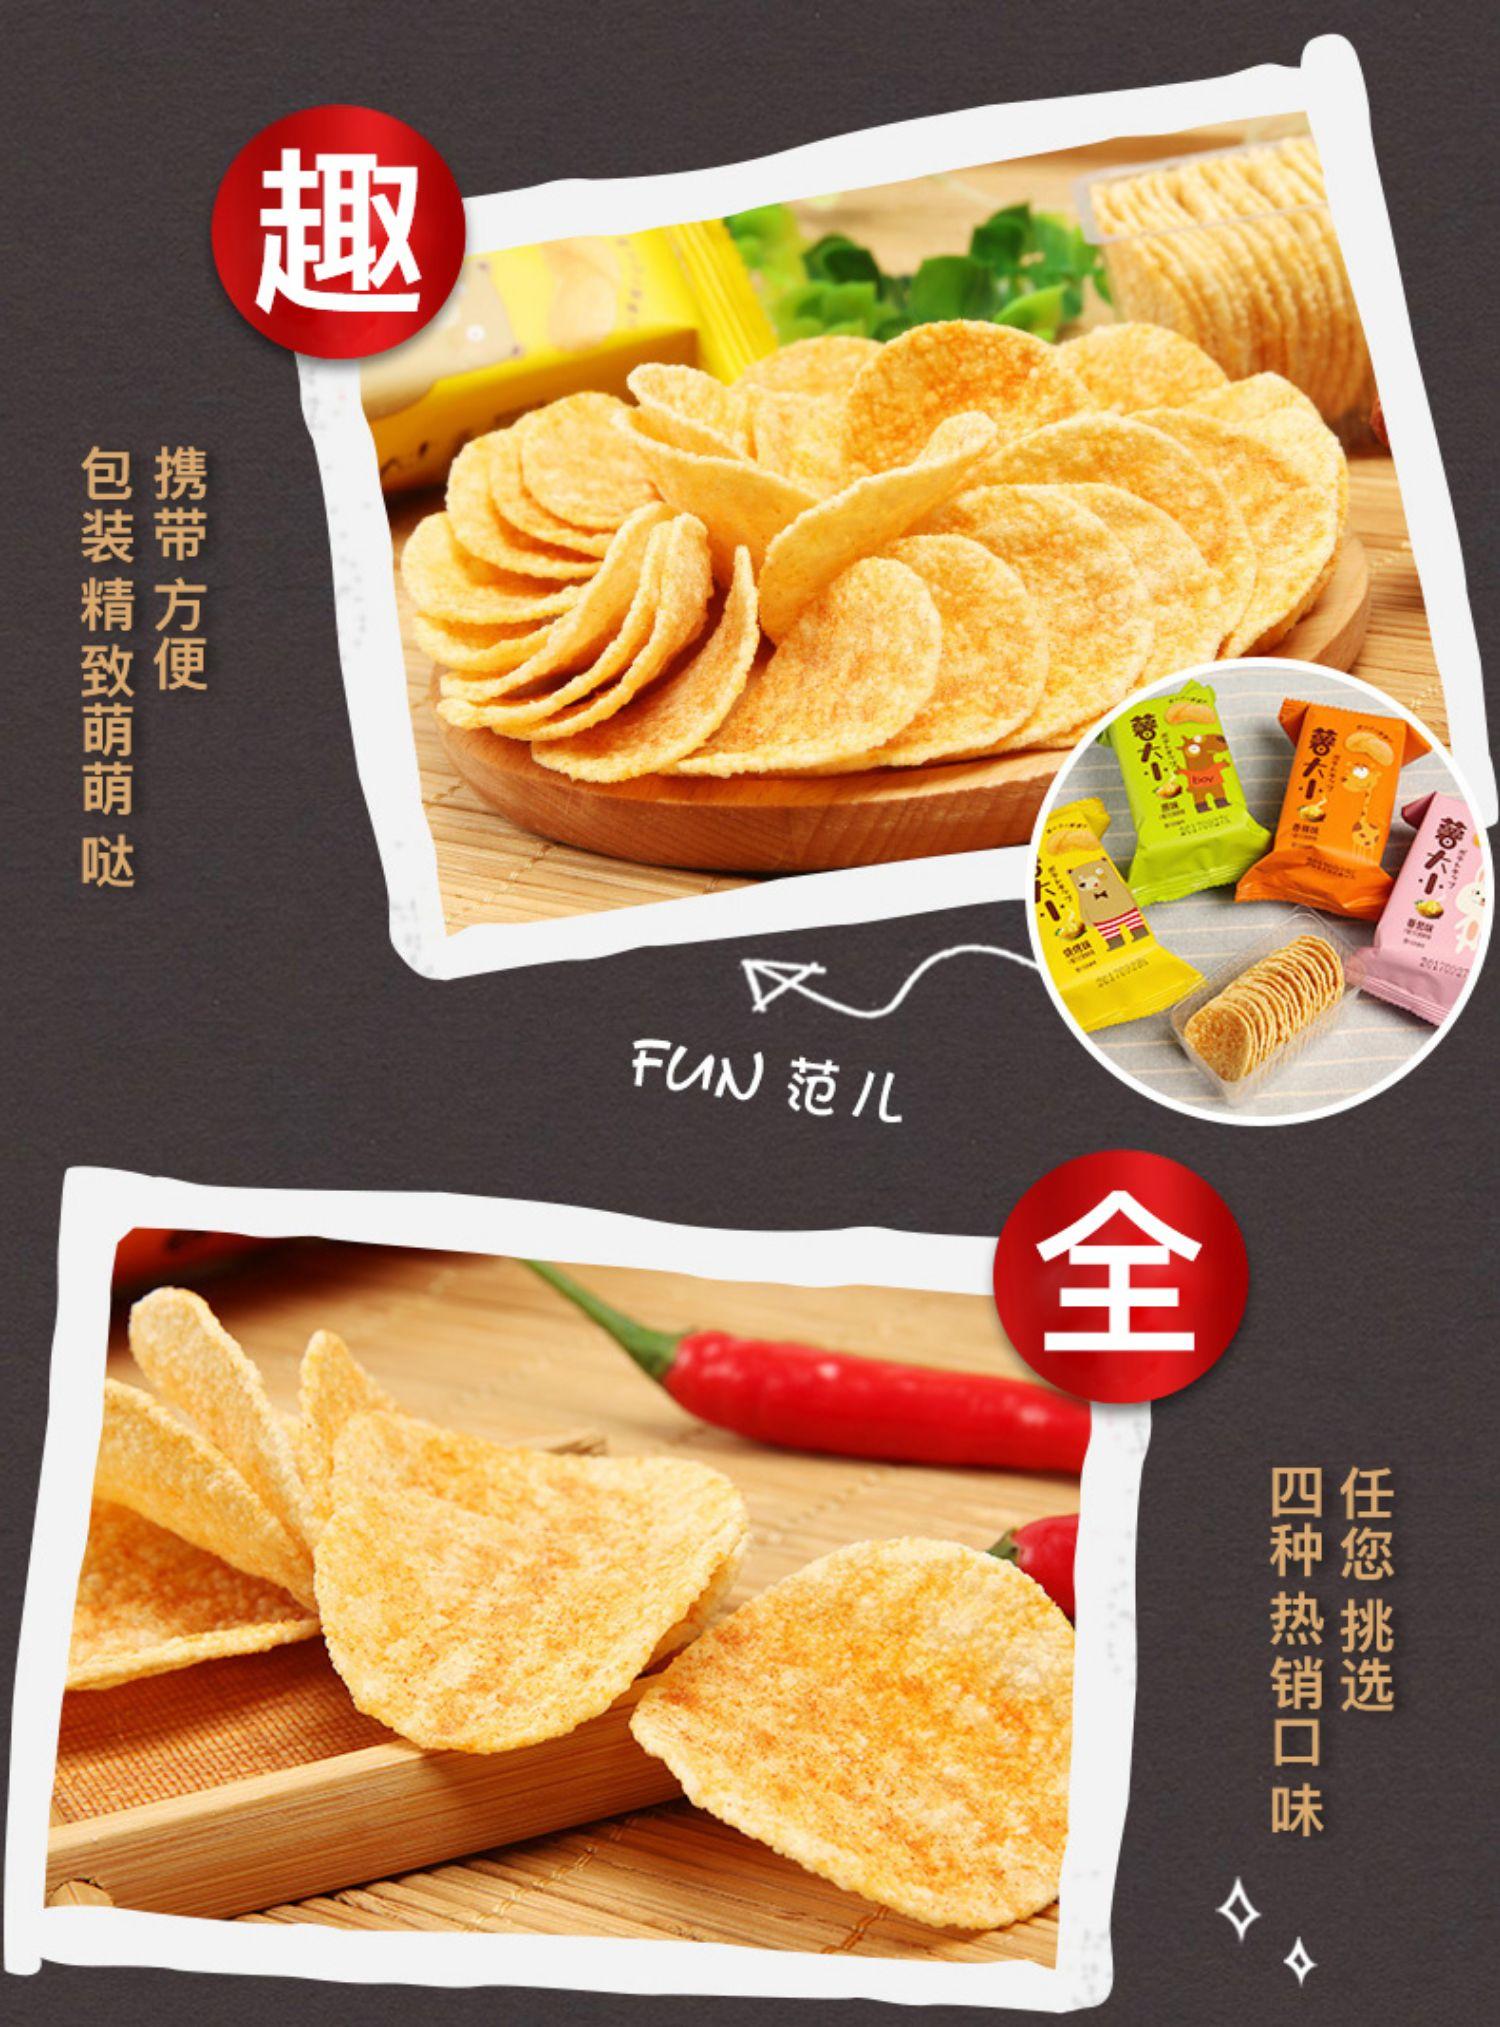 【阿婆家的】薯片小吃零食大礼包8包5